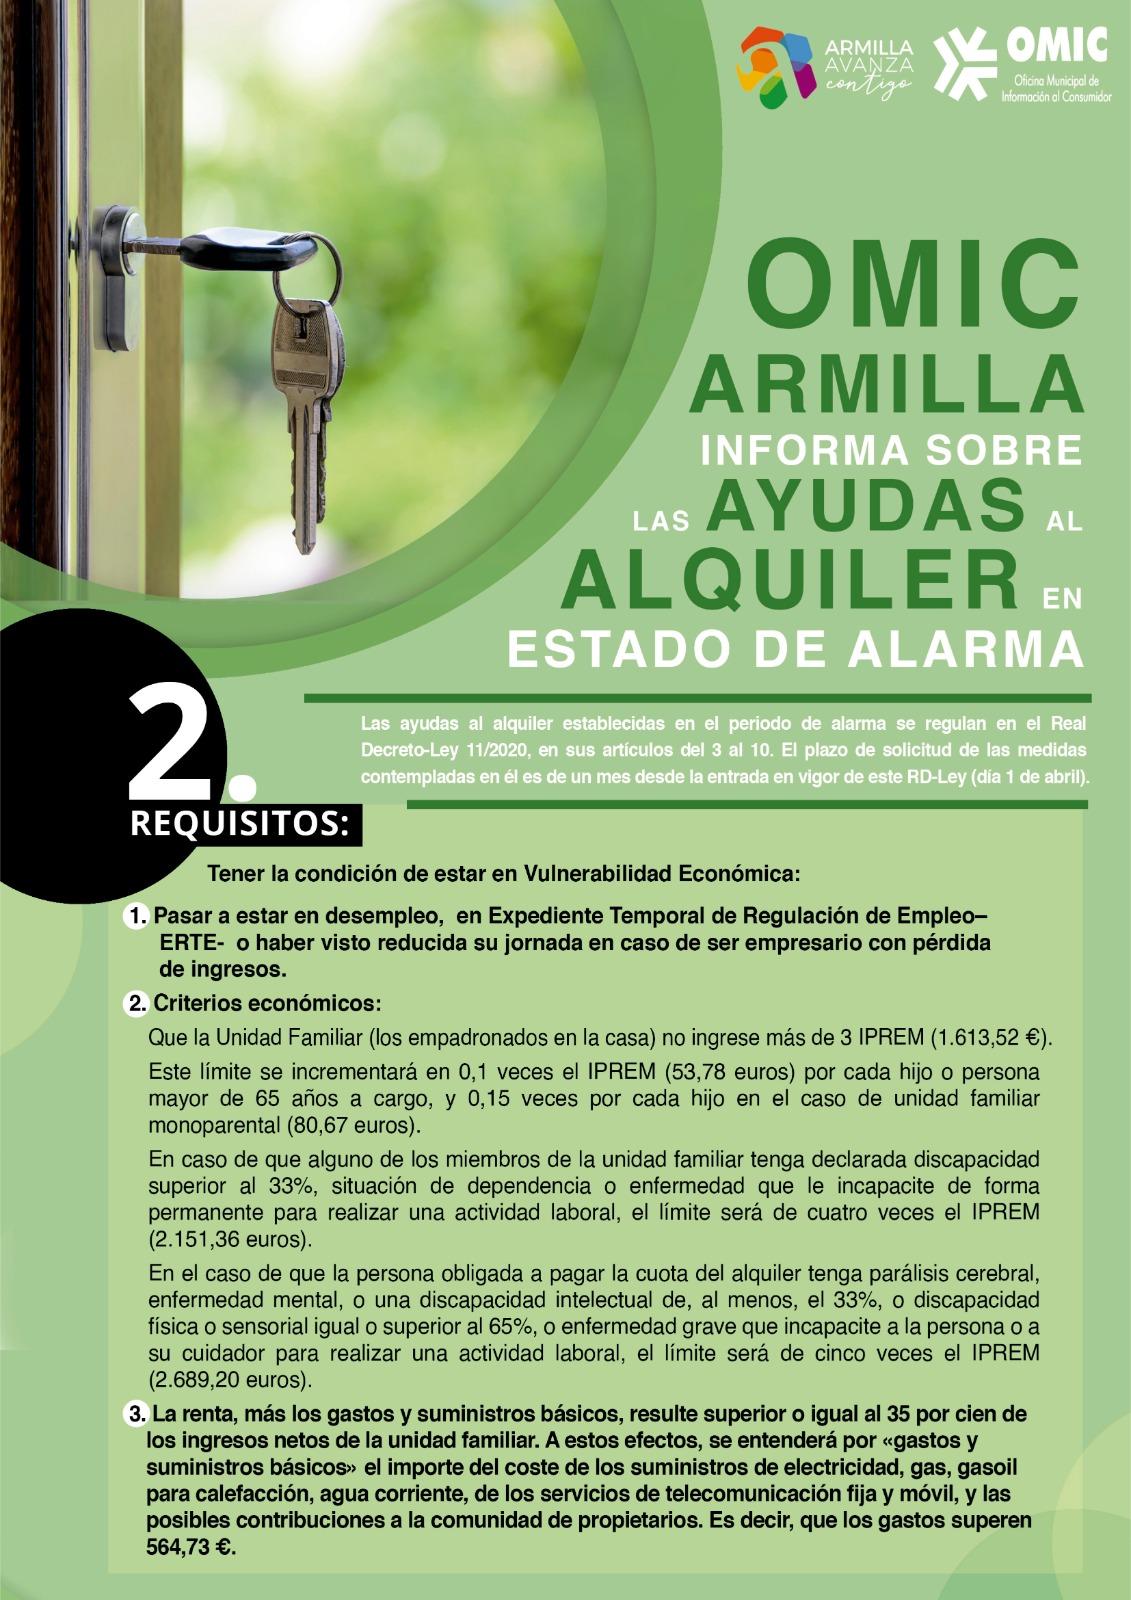 La OMIC de Armilla asesora sobre las ayudas de alquiler en Estado de Alarma